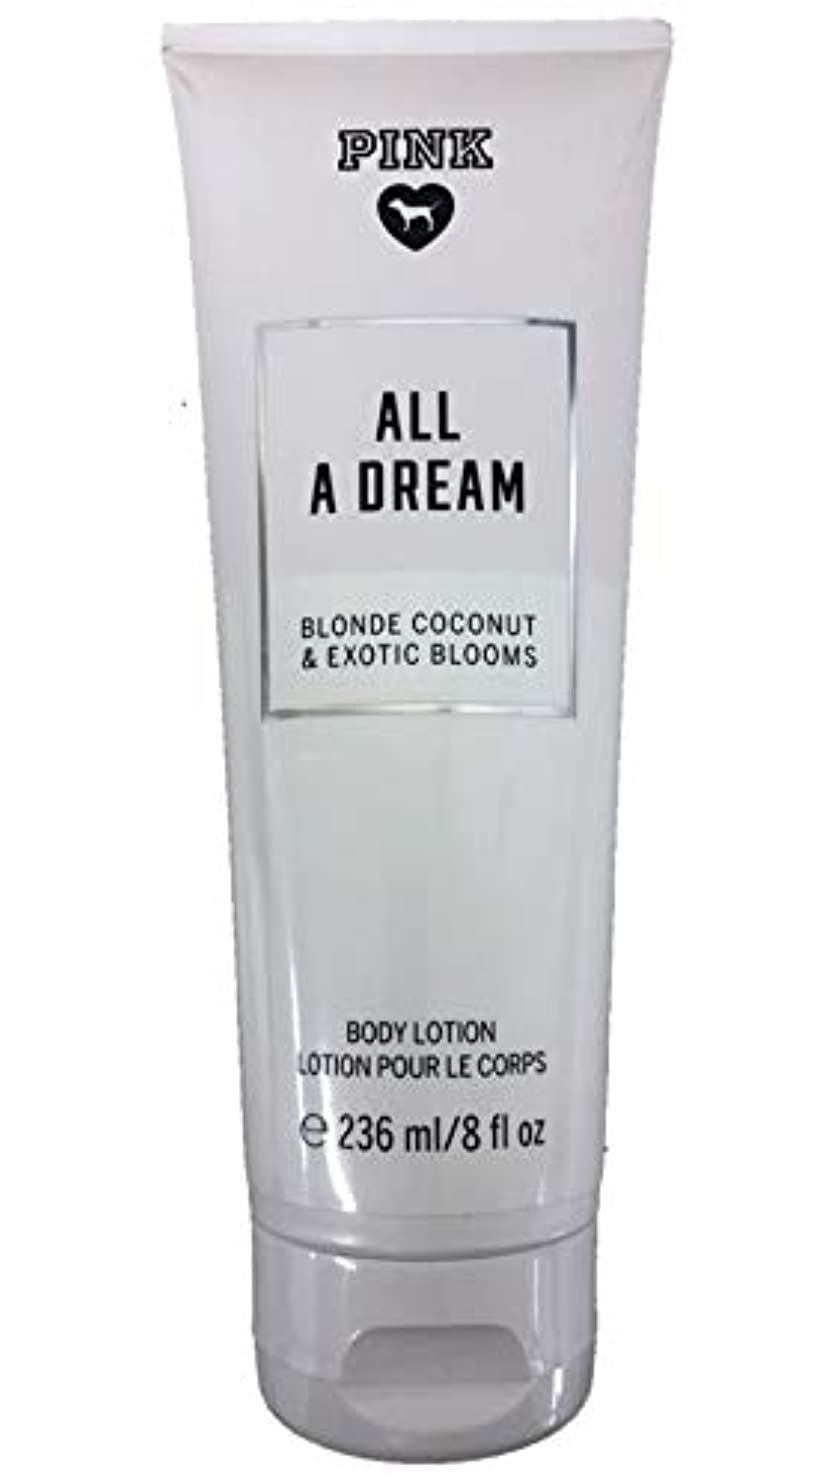 丘クランプ平和的Victoria seacret/ボディクリーム/All a dream/ヴィクトリアシークレット/ビクトリアシークレット/All a dreme blonde coconut Lotion & Exdtic Blooms